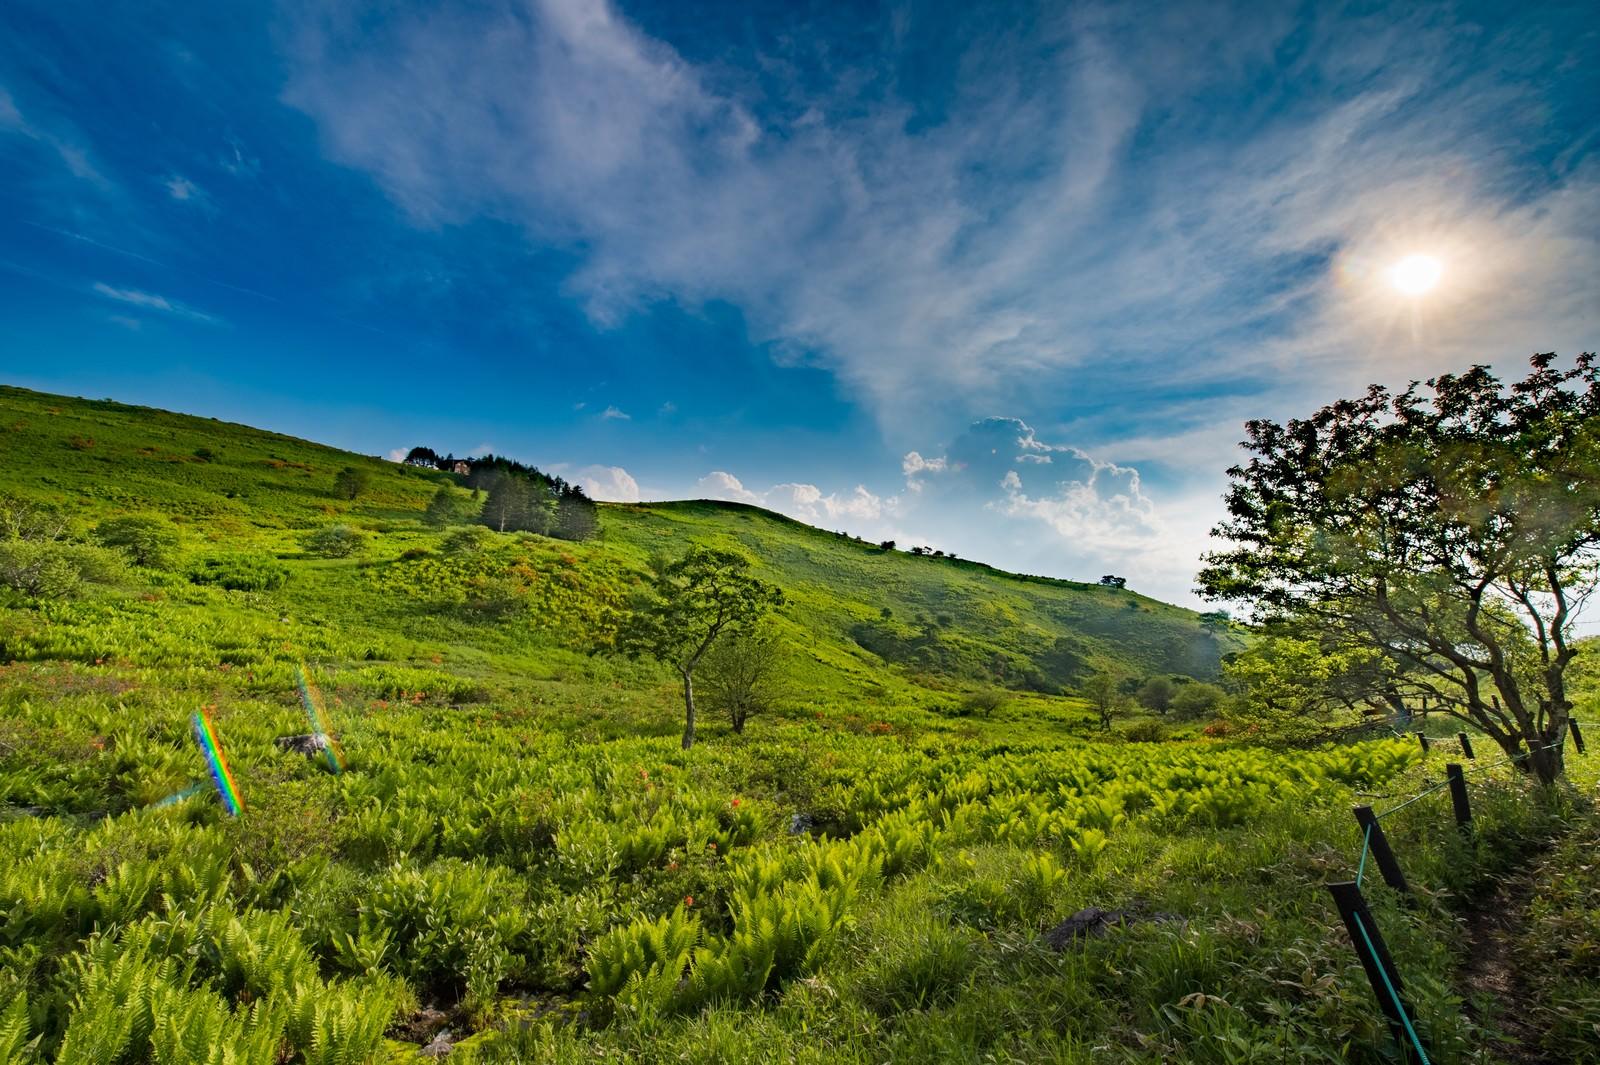 「夏の霧ヶ峰高原(HDR)」の写真